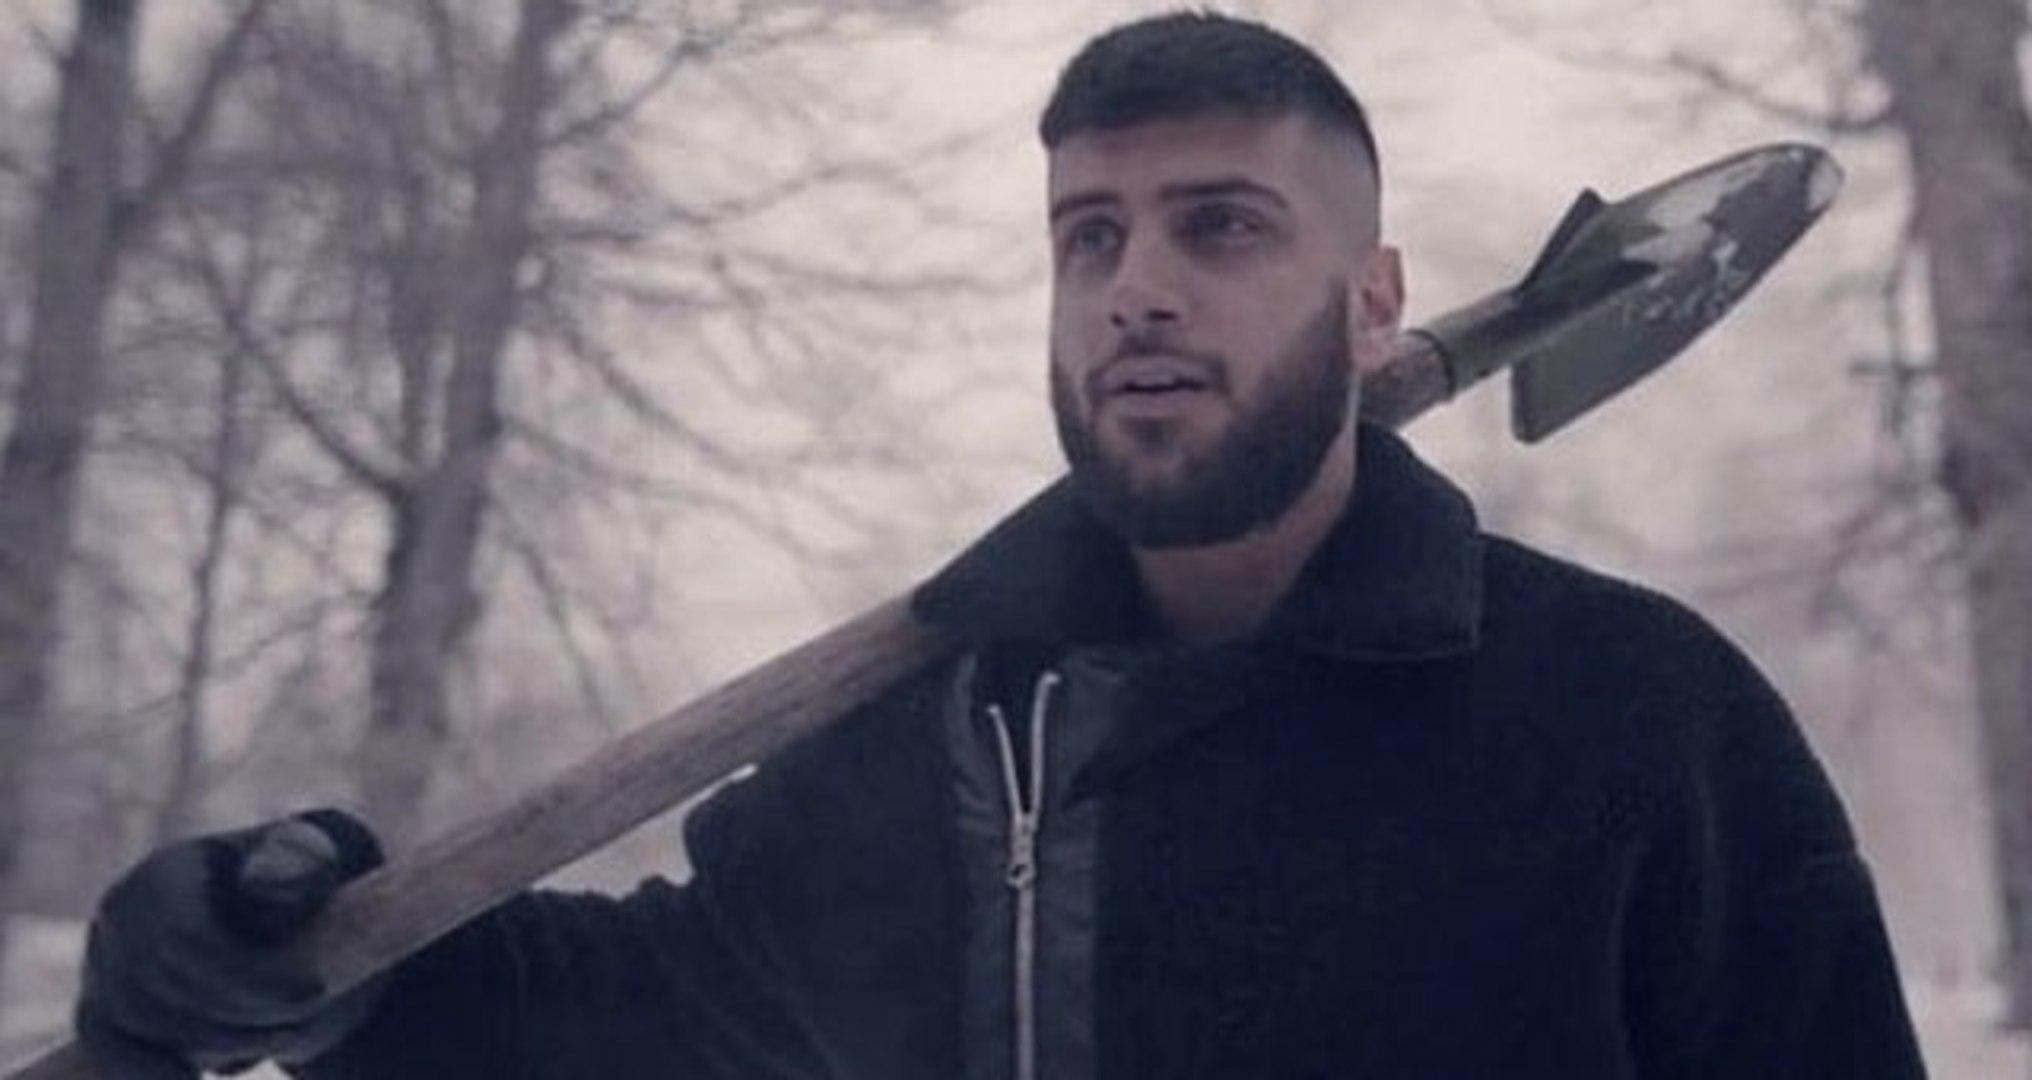 YouTuber Reynmen'in Rekor Kıran Derdim Olsun Şarkısının Klibinin, Çalıntı Olduğu İddia Edildi